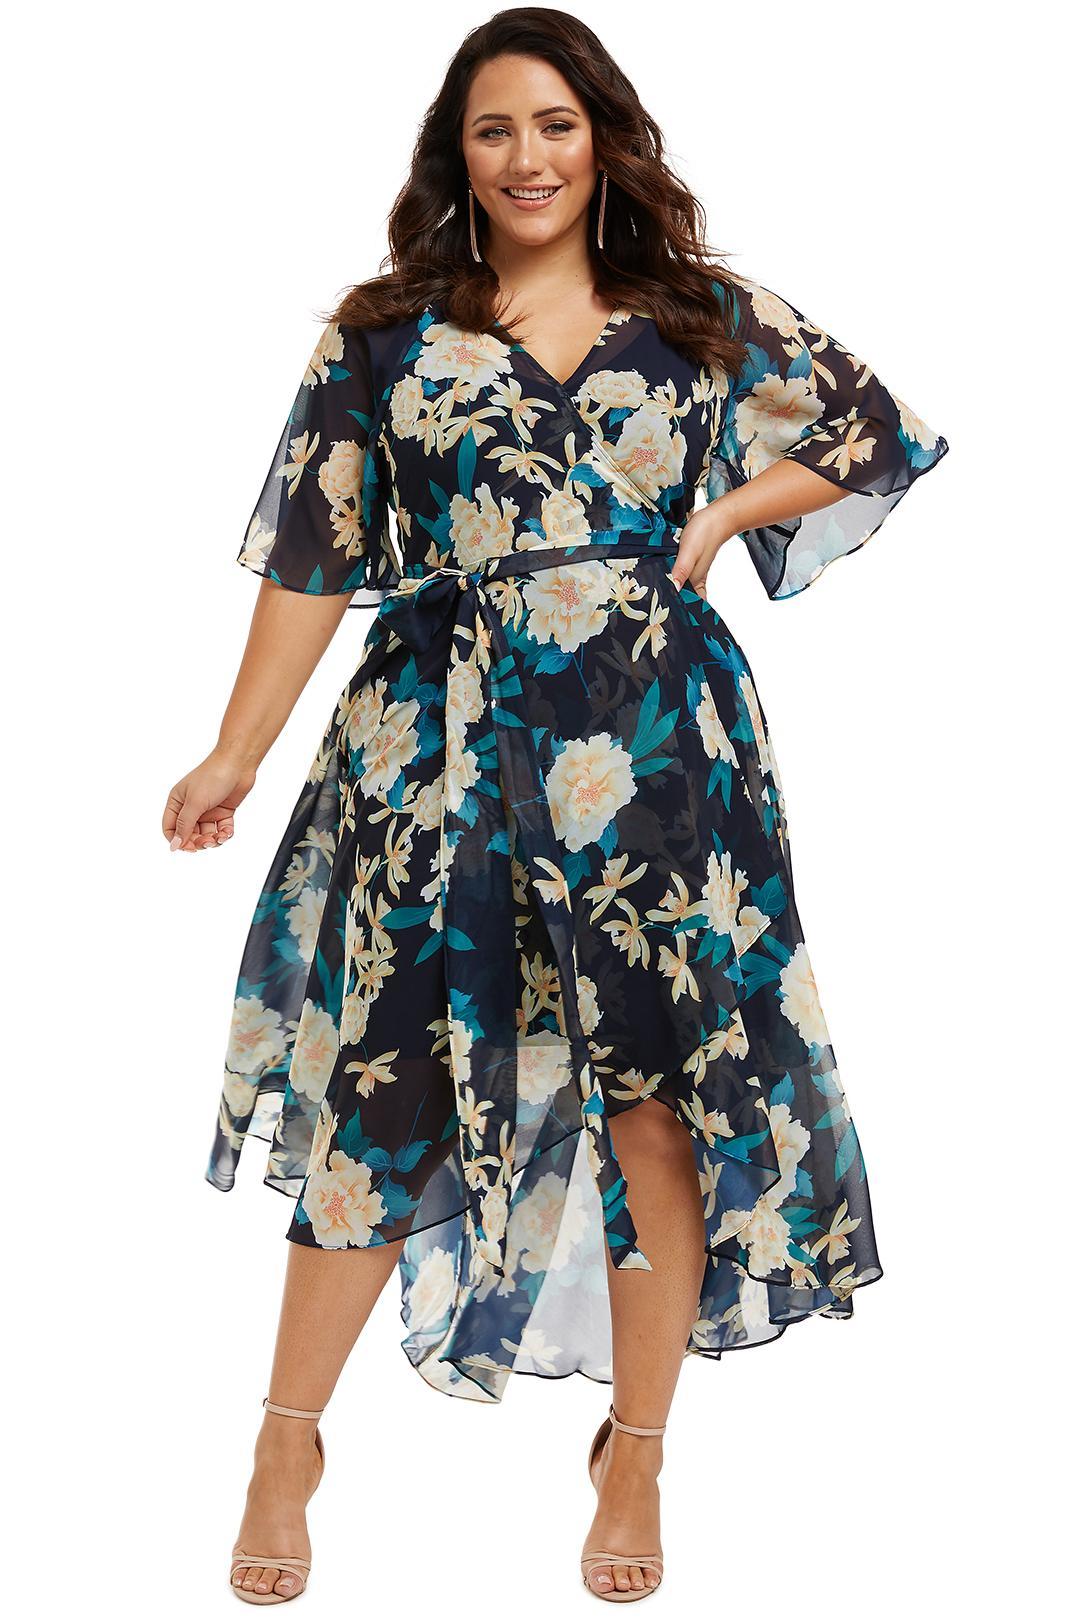 Full Bust Designer Dresses for Hire | GlamCorner